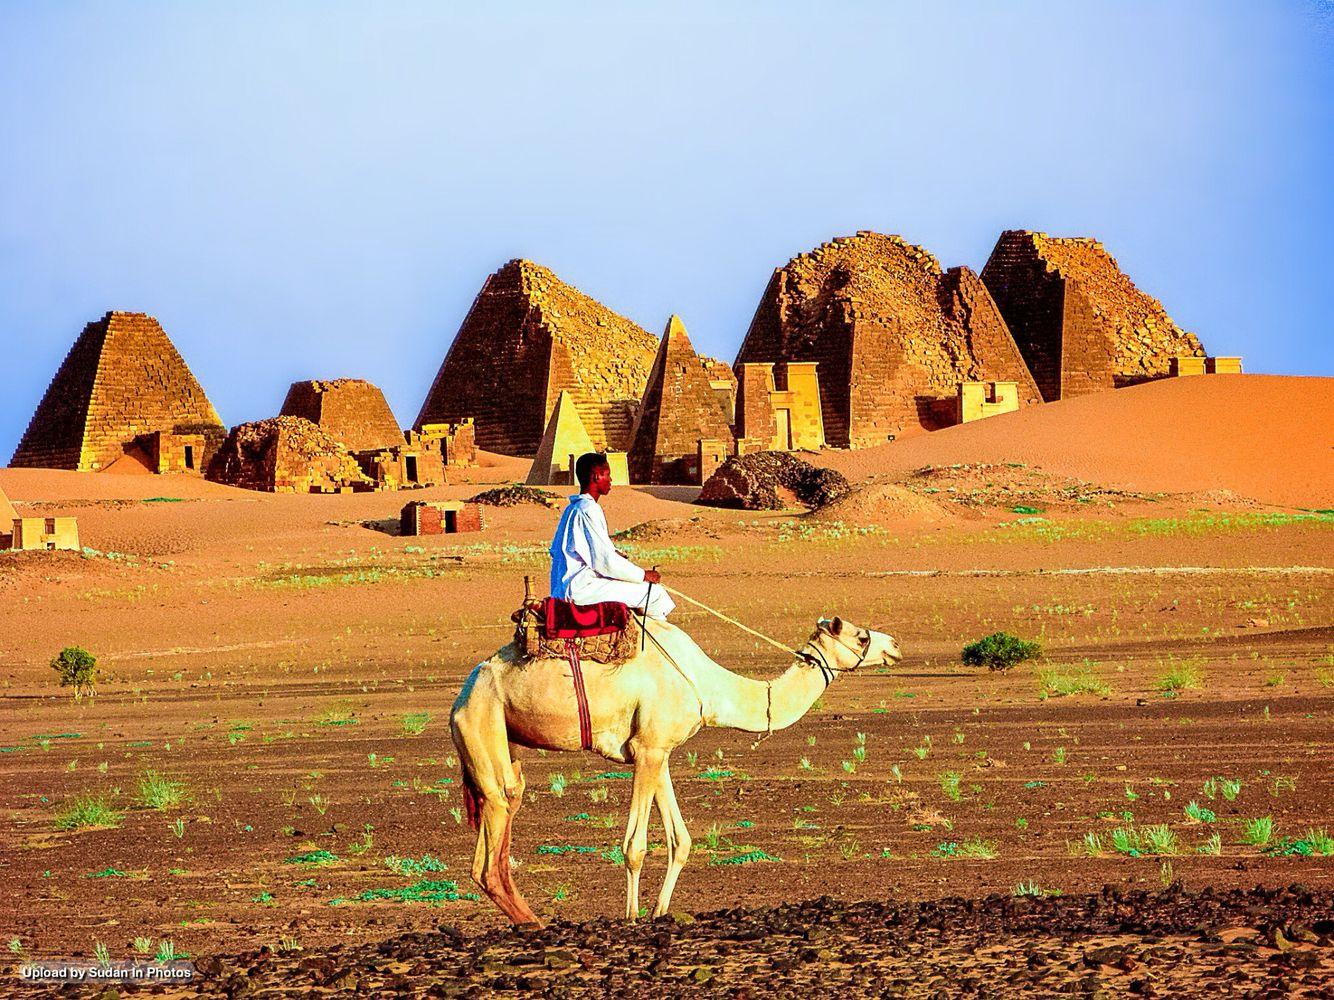 Pin En Sudan In Photos